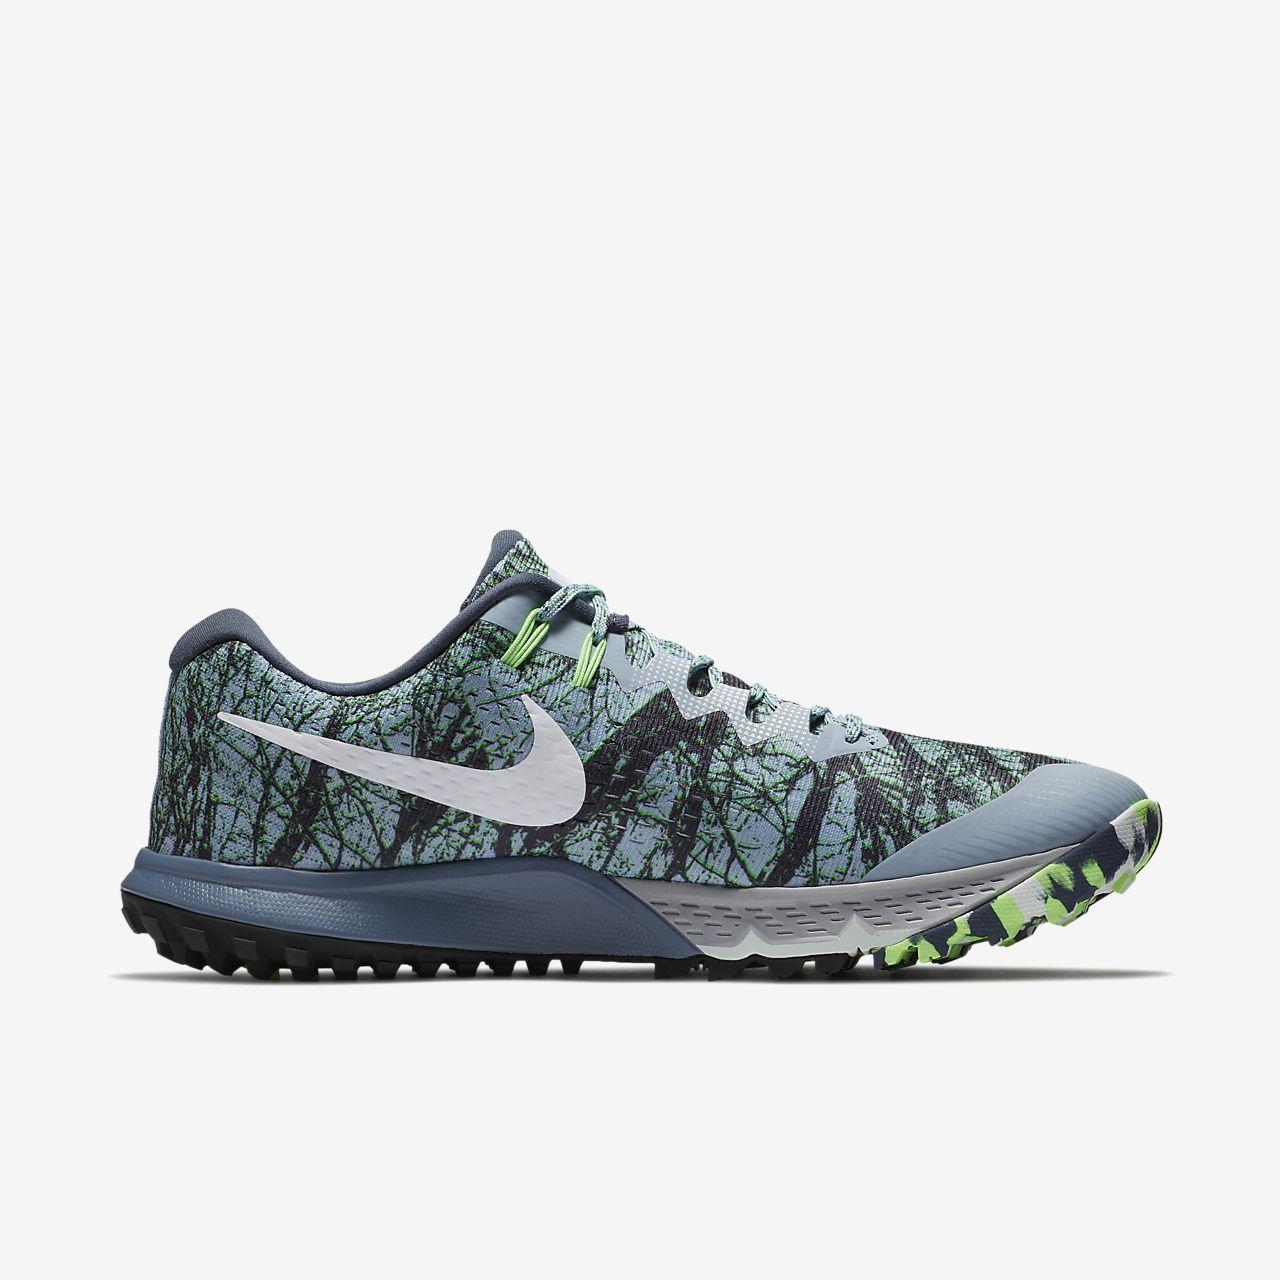 Nike ® Air Zoom Terra Kiger 4 W Scarpe da corsa Sitio Oficial Venta Barata De Bajo Precio De La Tarifa De Envío Comprar Barato Auténtica wqoDC40Z